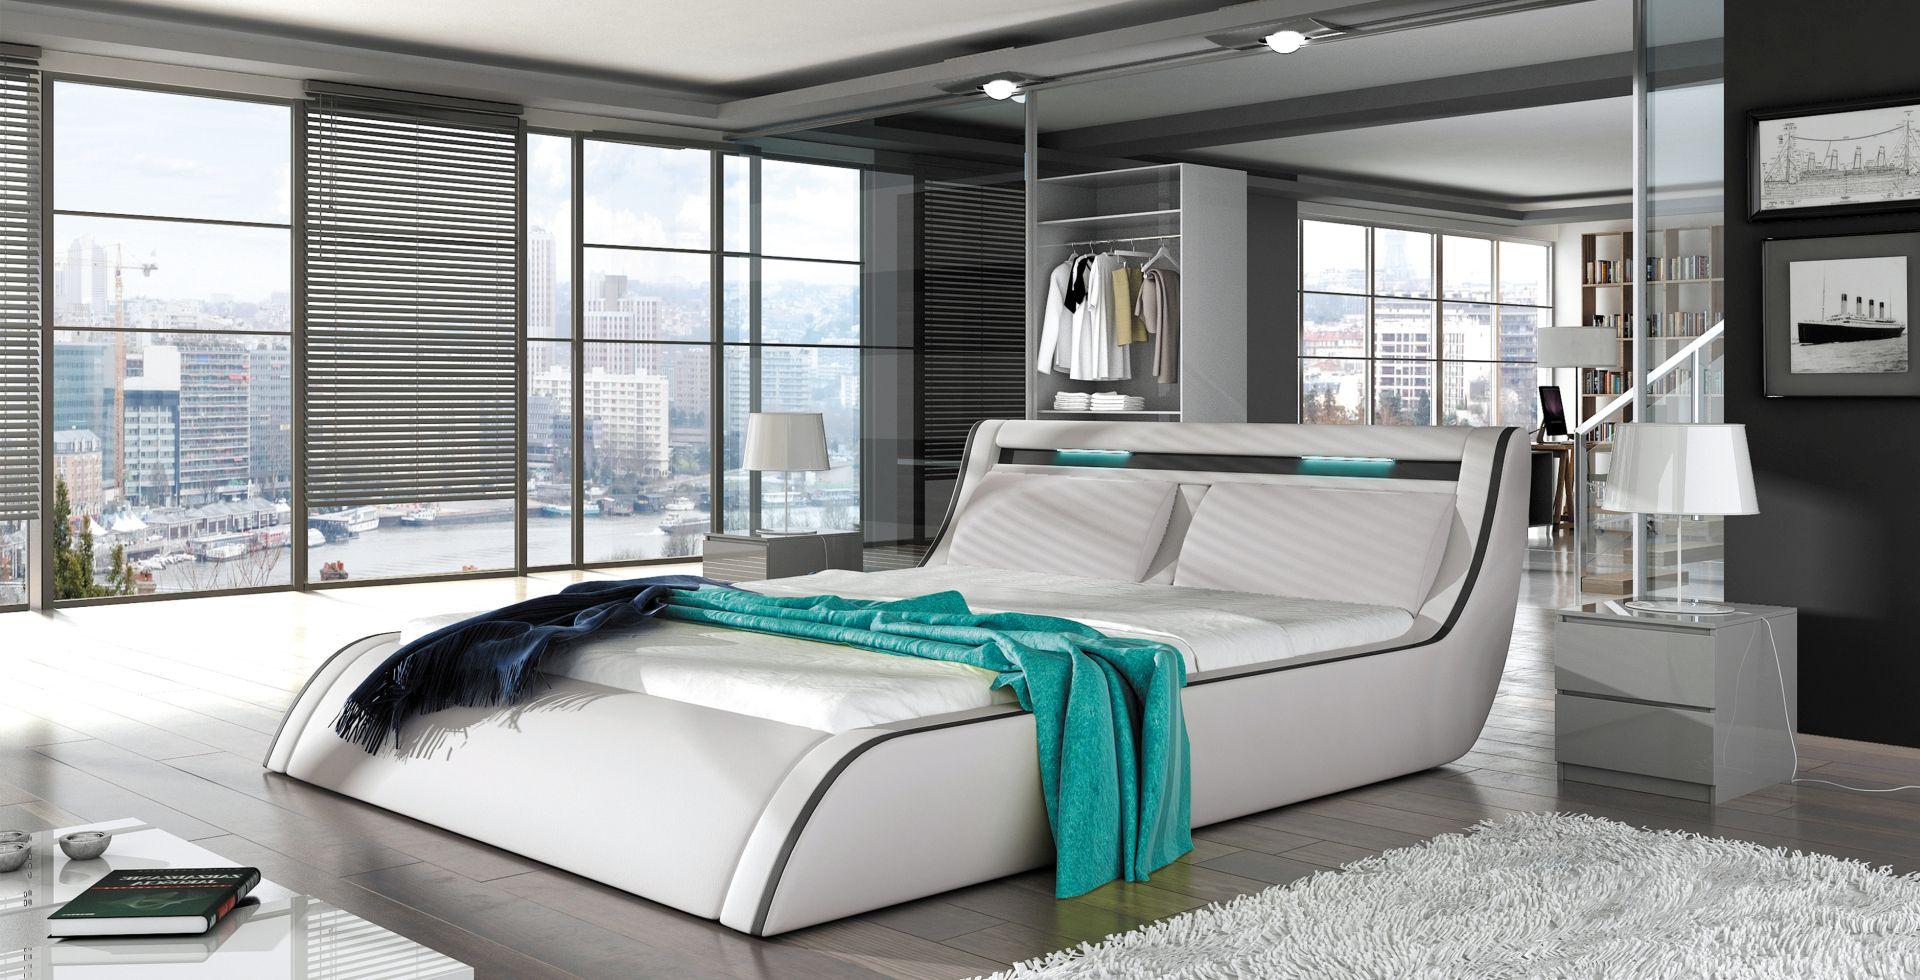 Wersal Manželská posteľ Corfu rozmer: 140 x 200 cm